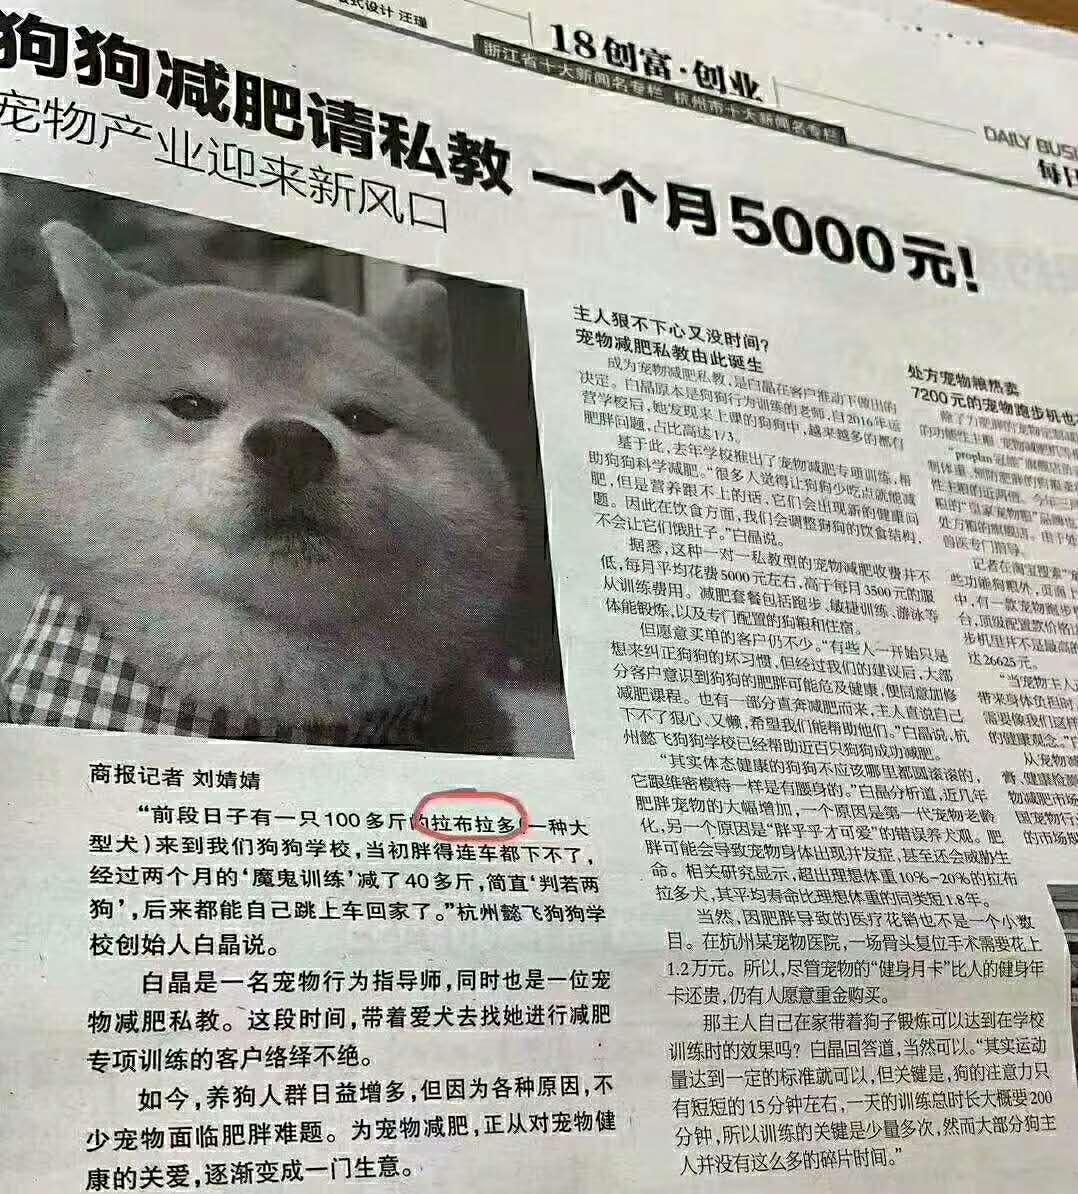 居然还有这种事!狗狗减肥请私教,一个月5000元!